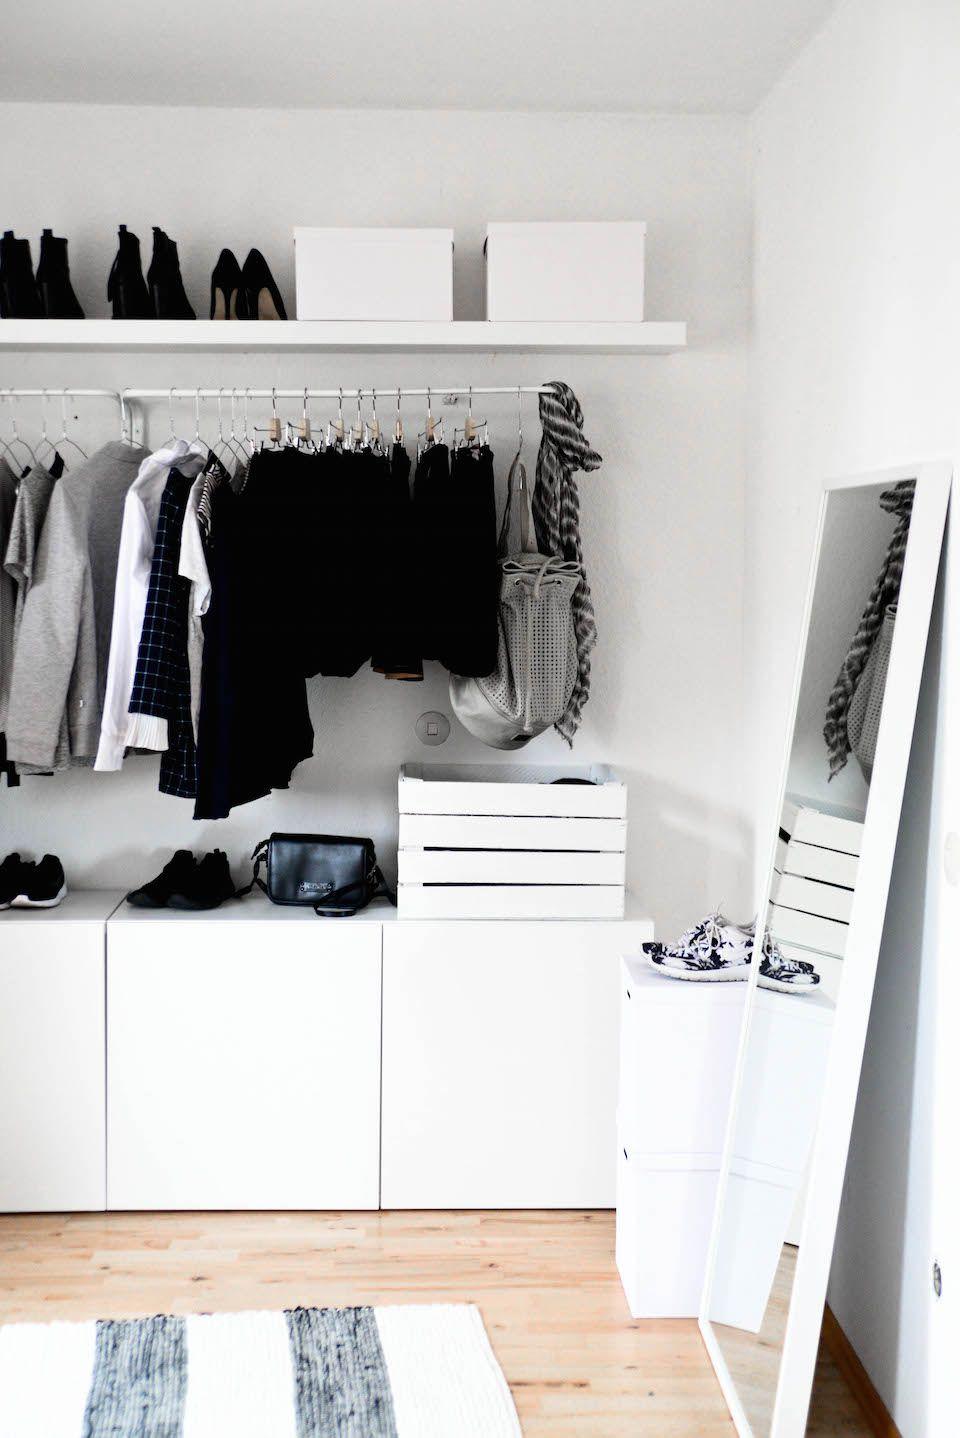 Ikea open wardobe / mulig / besta / Lack www.todayis.de | bedroom ...